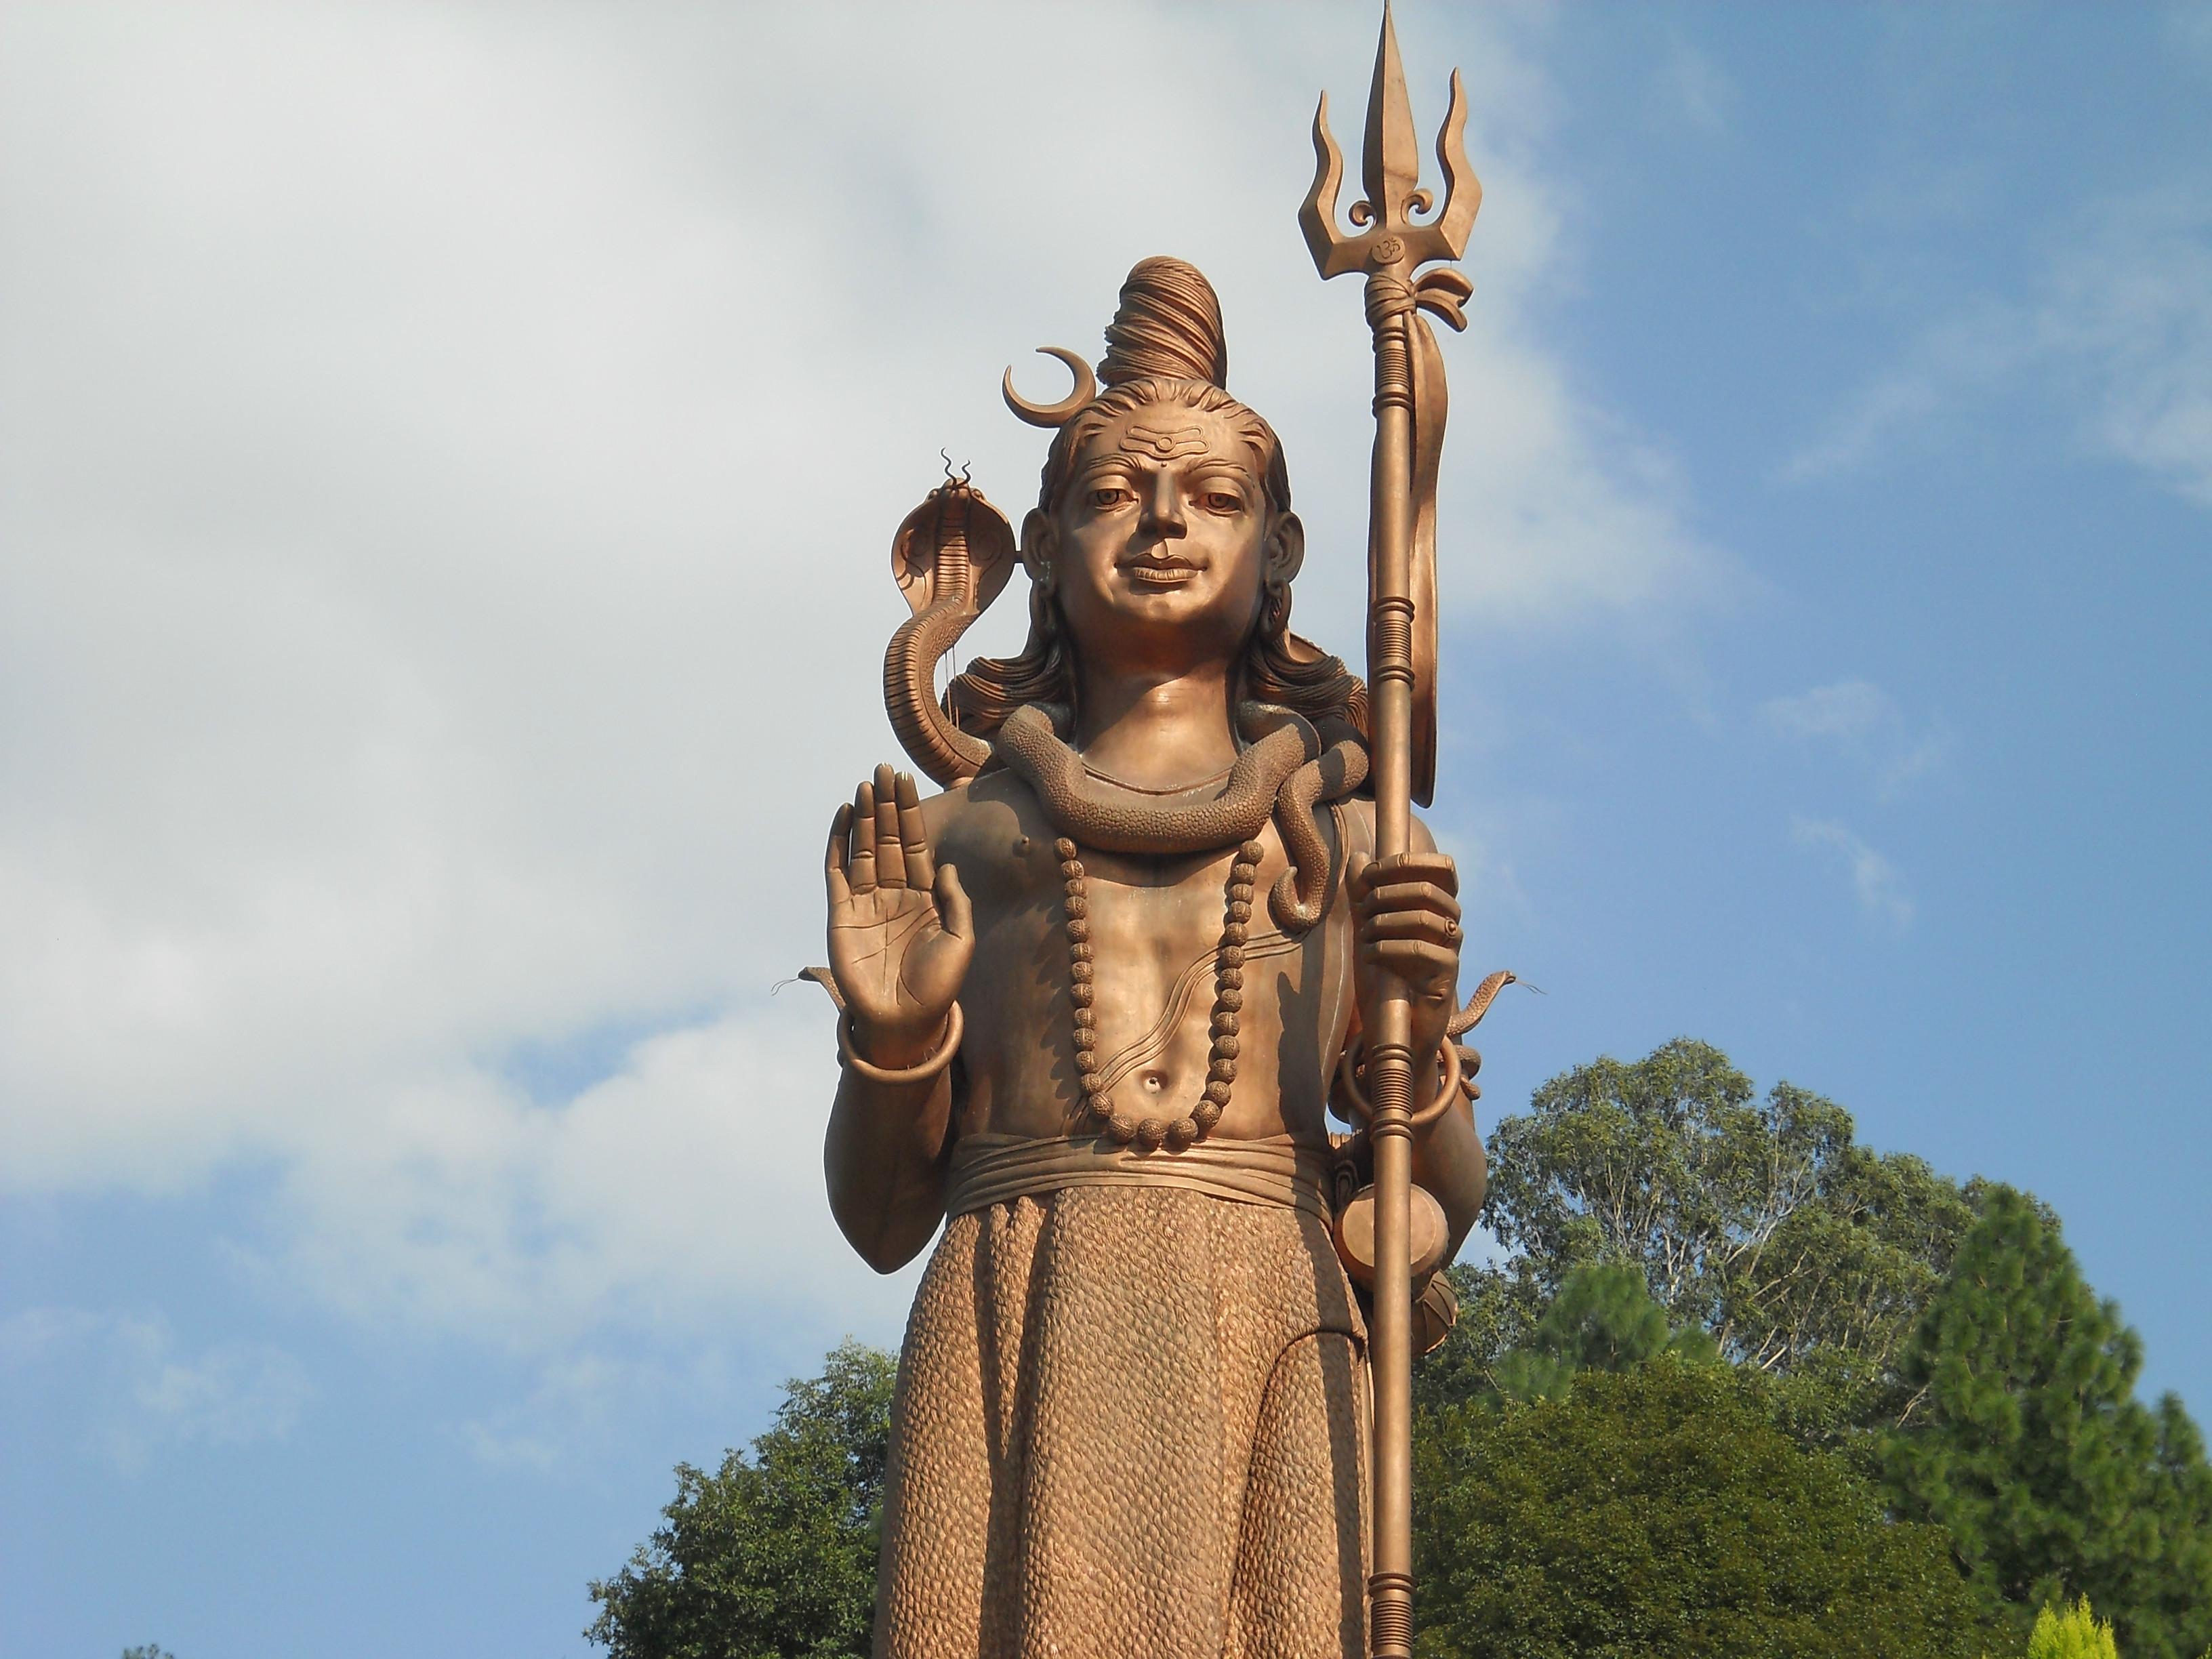 kailashnath-mahadev-statue-1